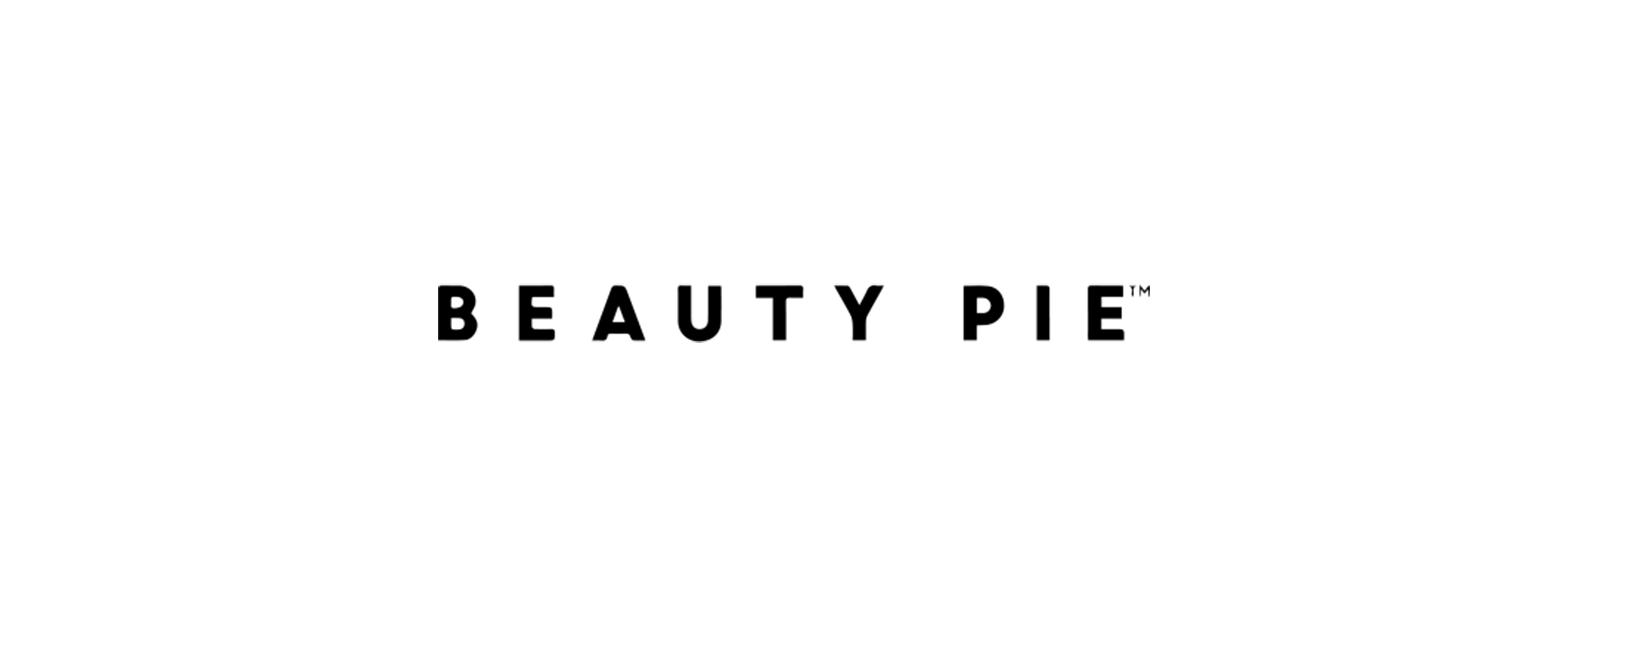 Beauty Pie Discount Code 2021